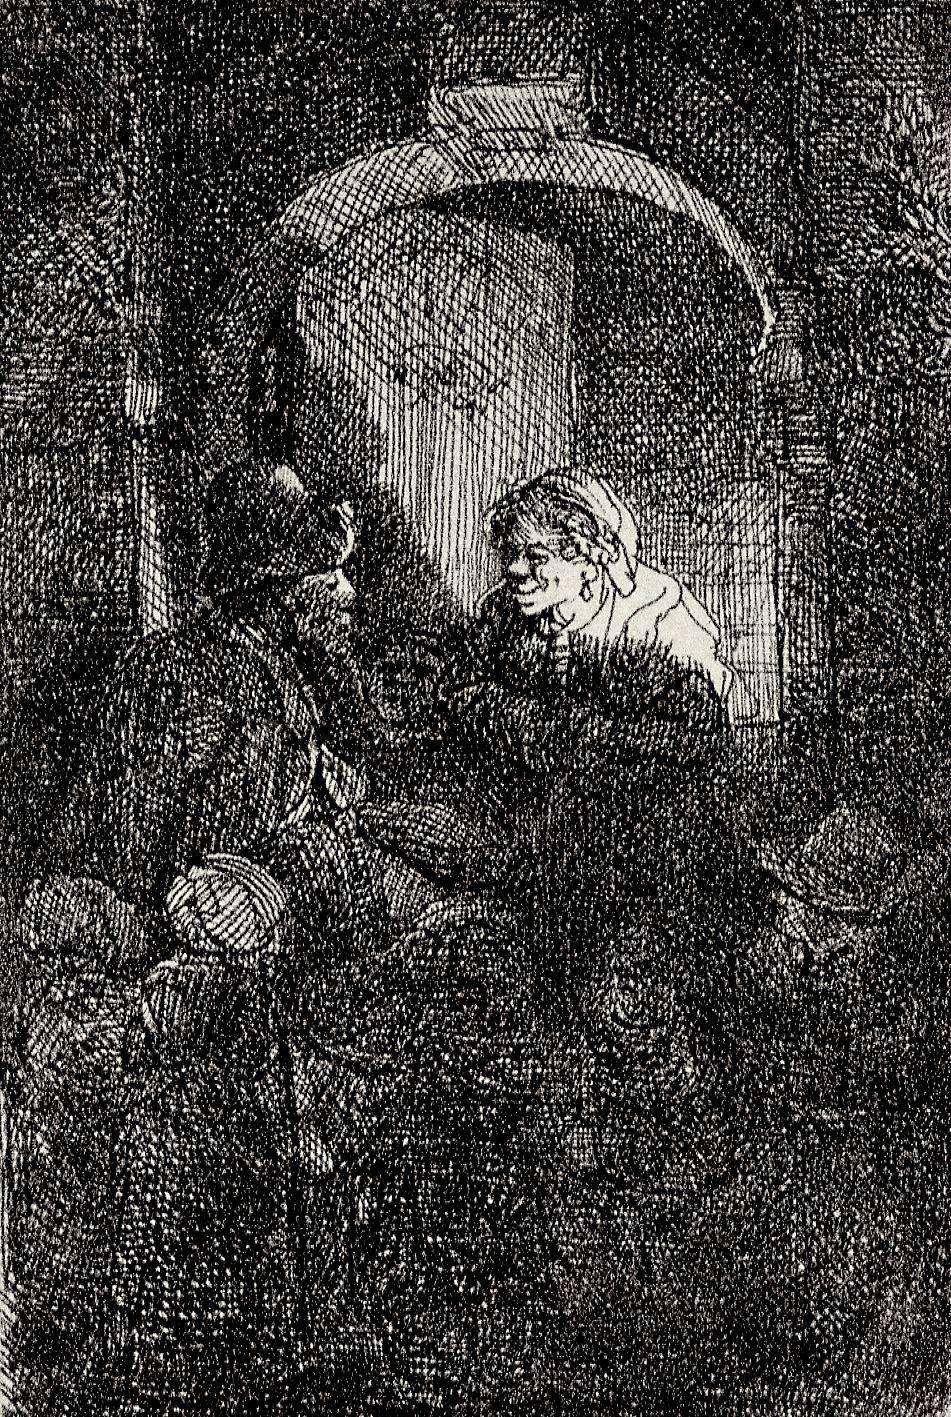 Rembrandt Harmenszoon van Rijn. School teacher